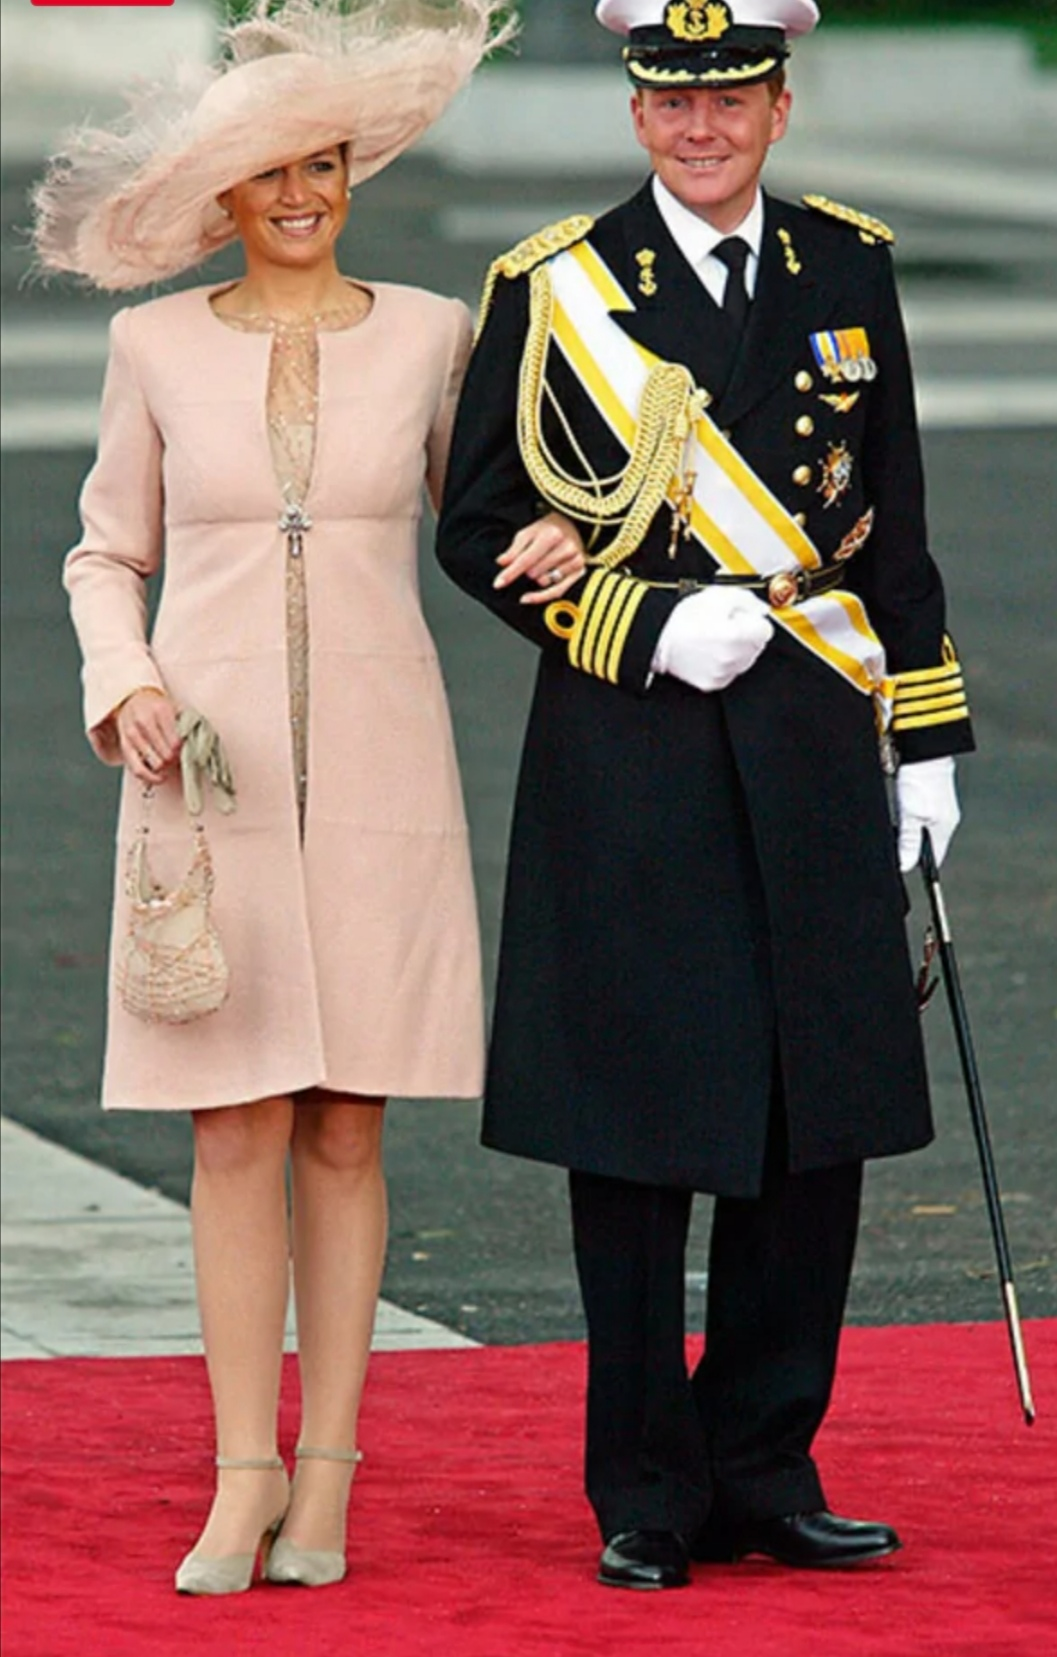 الملكة ماكسيما وزوجها الملك ويليم ألكسندر- الصورة من موقع hello magazine